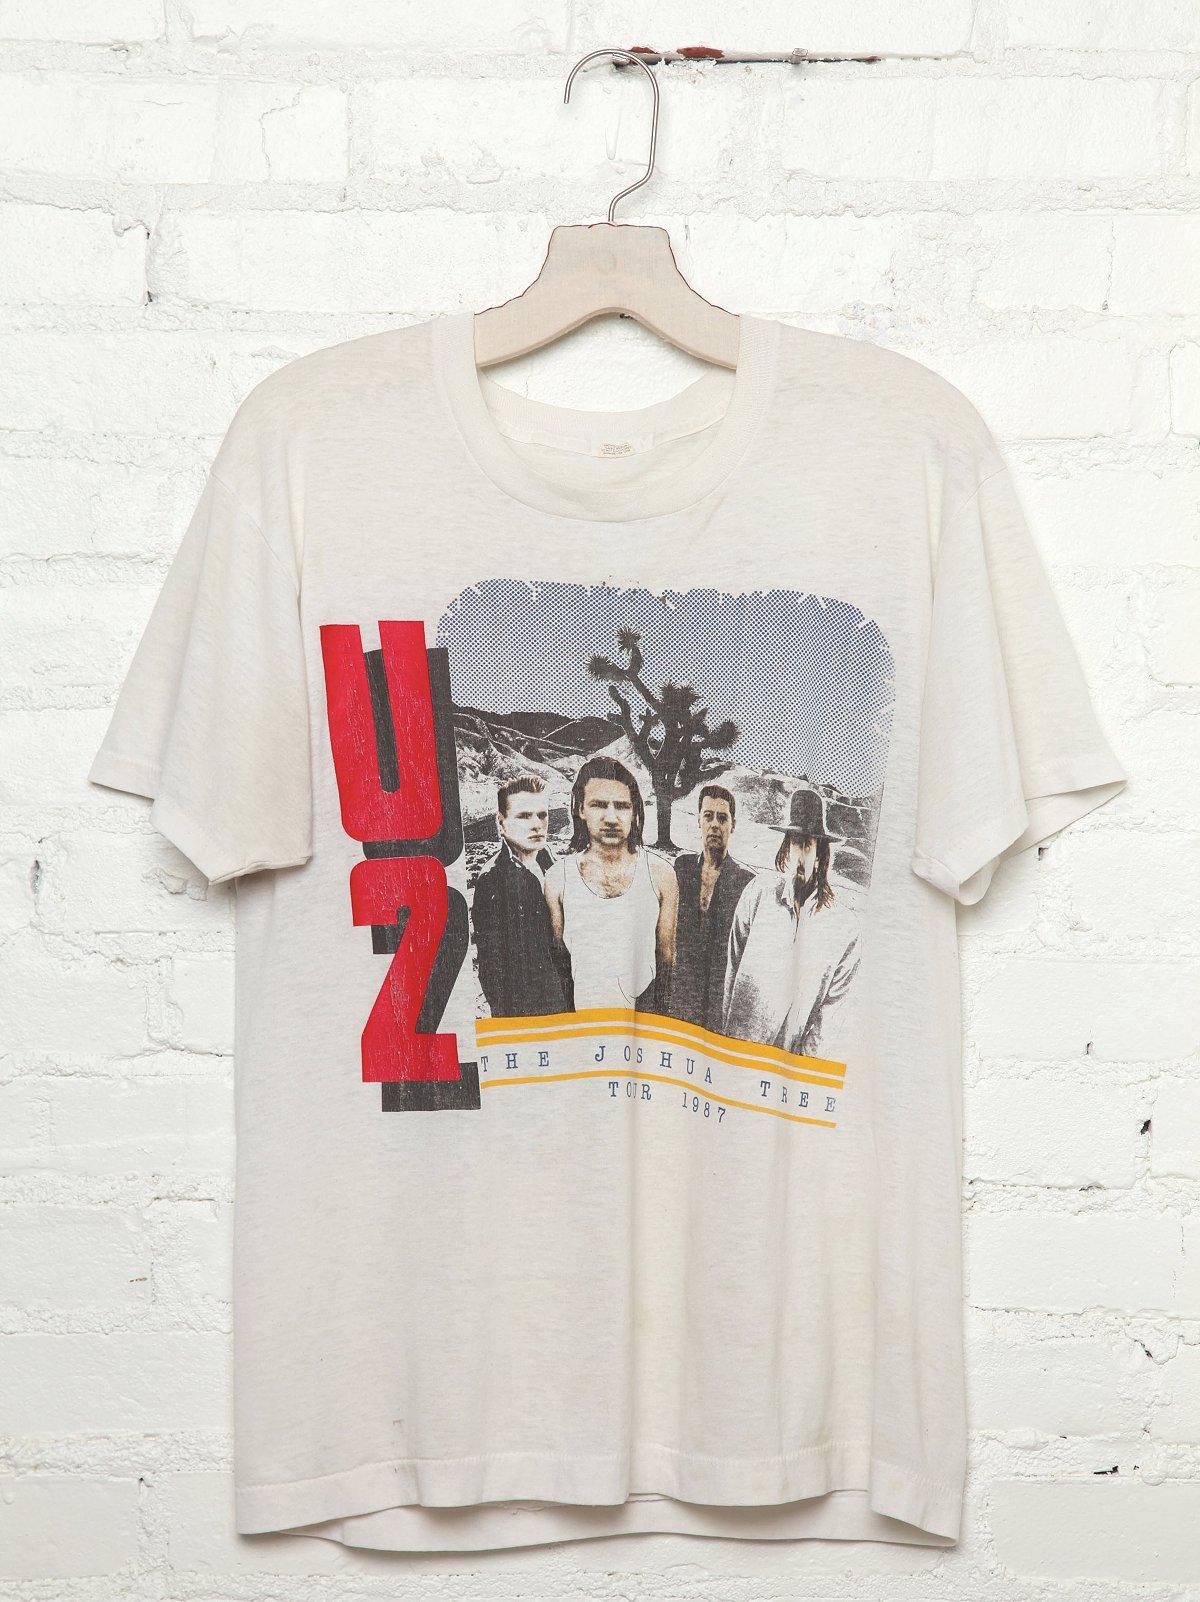 Vintage U2 1987 Tour Tee